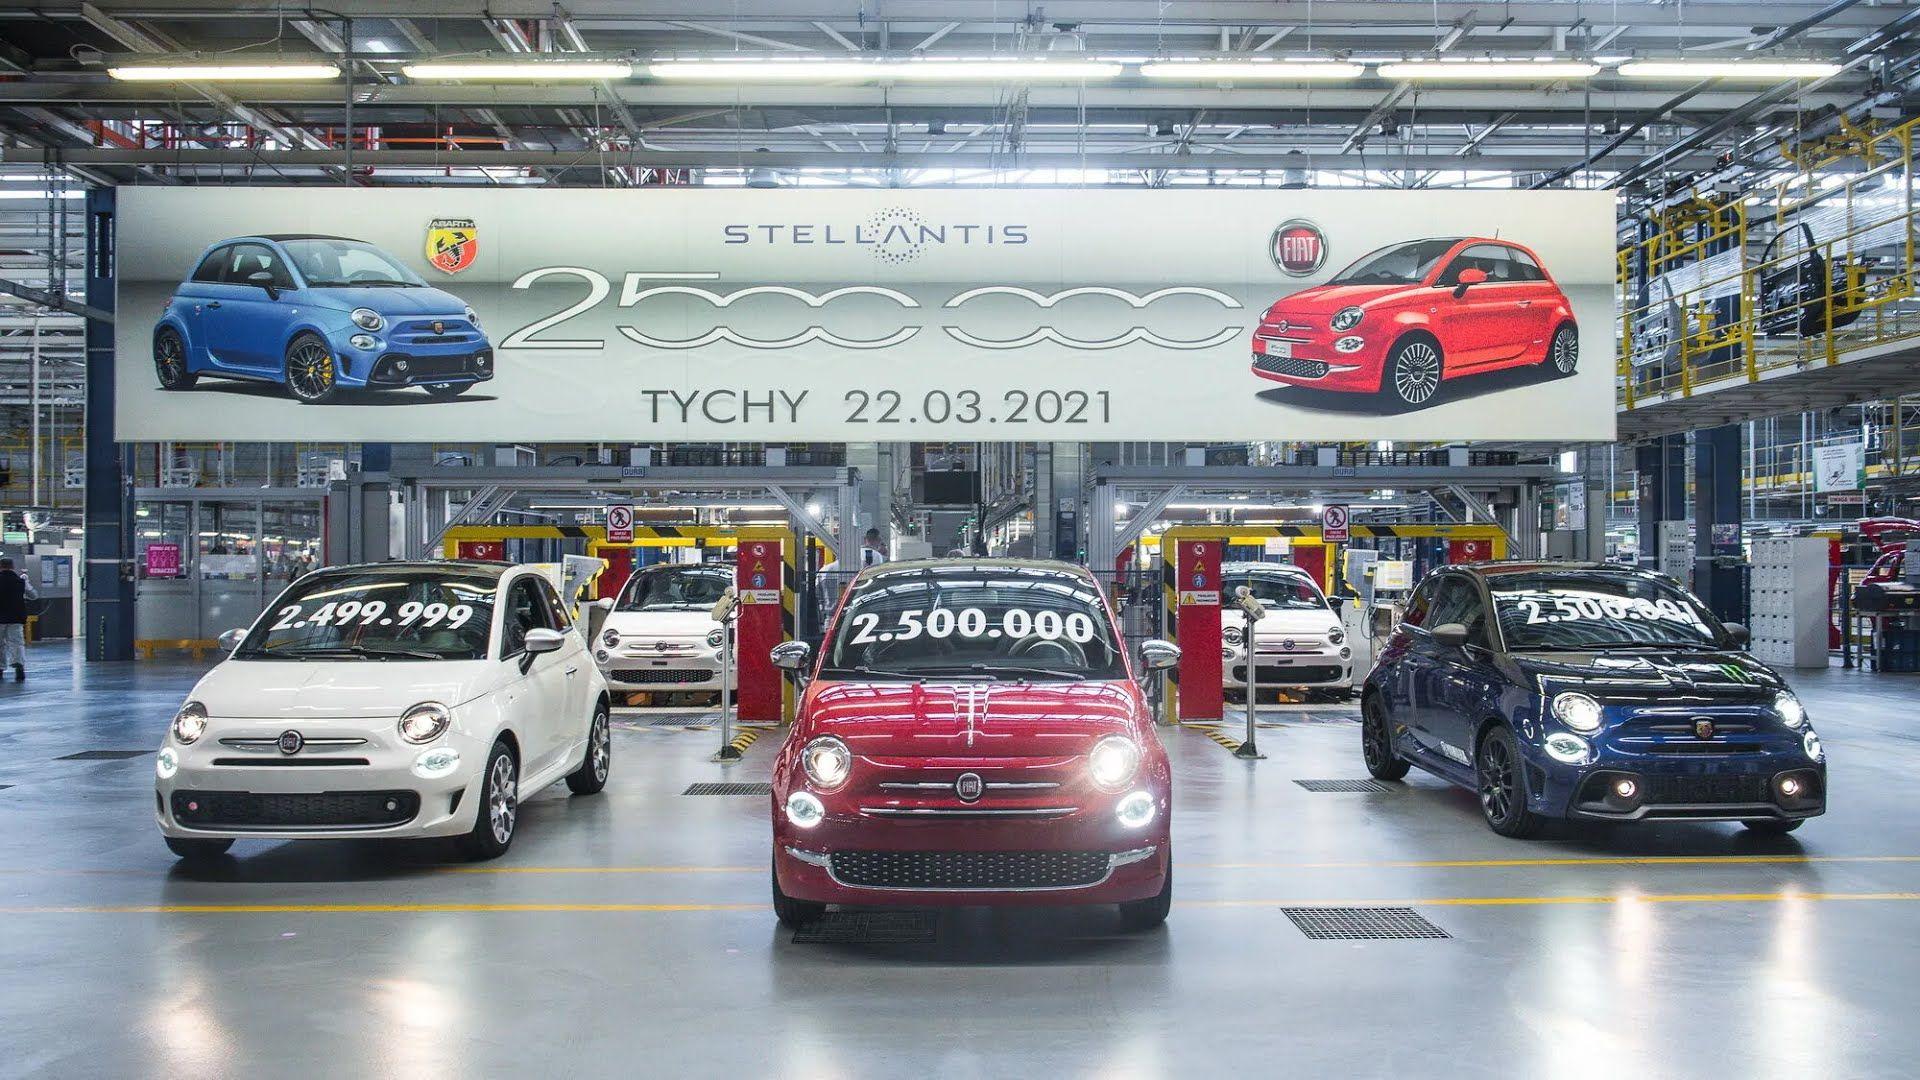 Юбилейным экземпляром стала гибридная версия 500 Hybrid, оснащенная 70-сильным силовым агрегатом с технологией mild hybrid